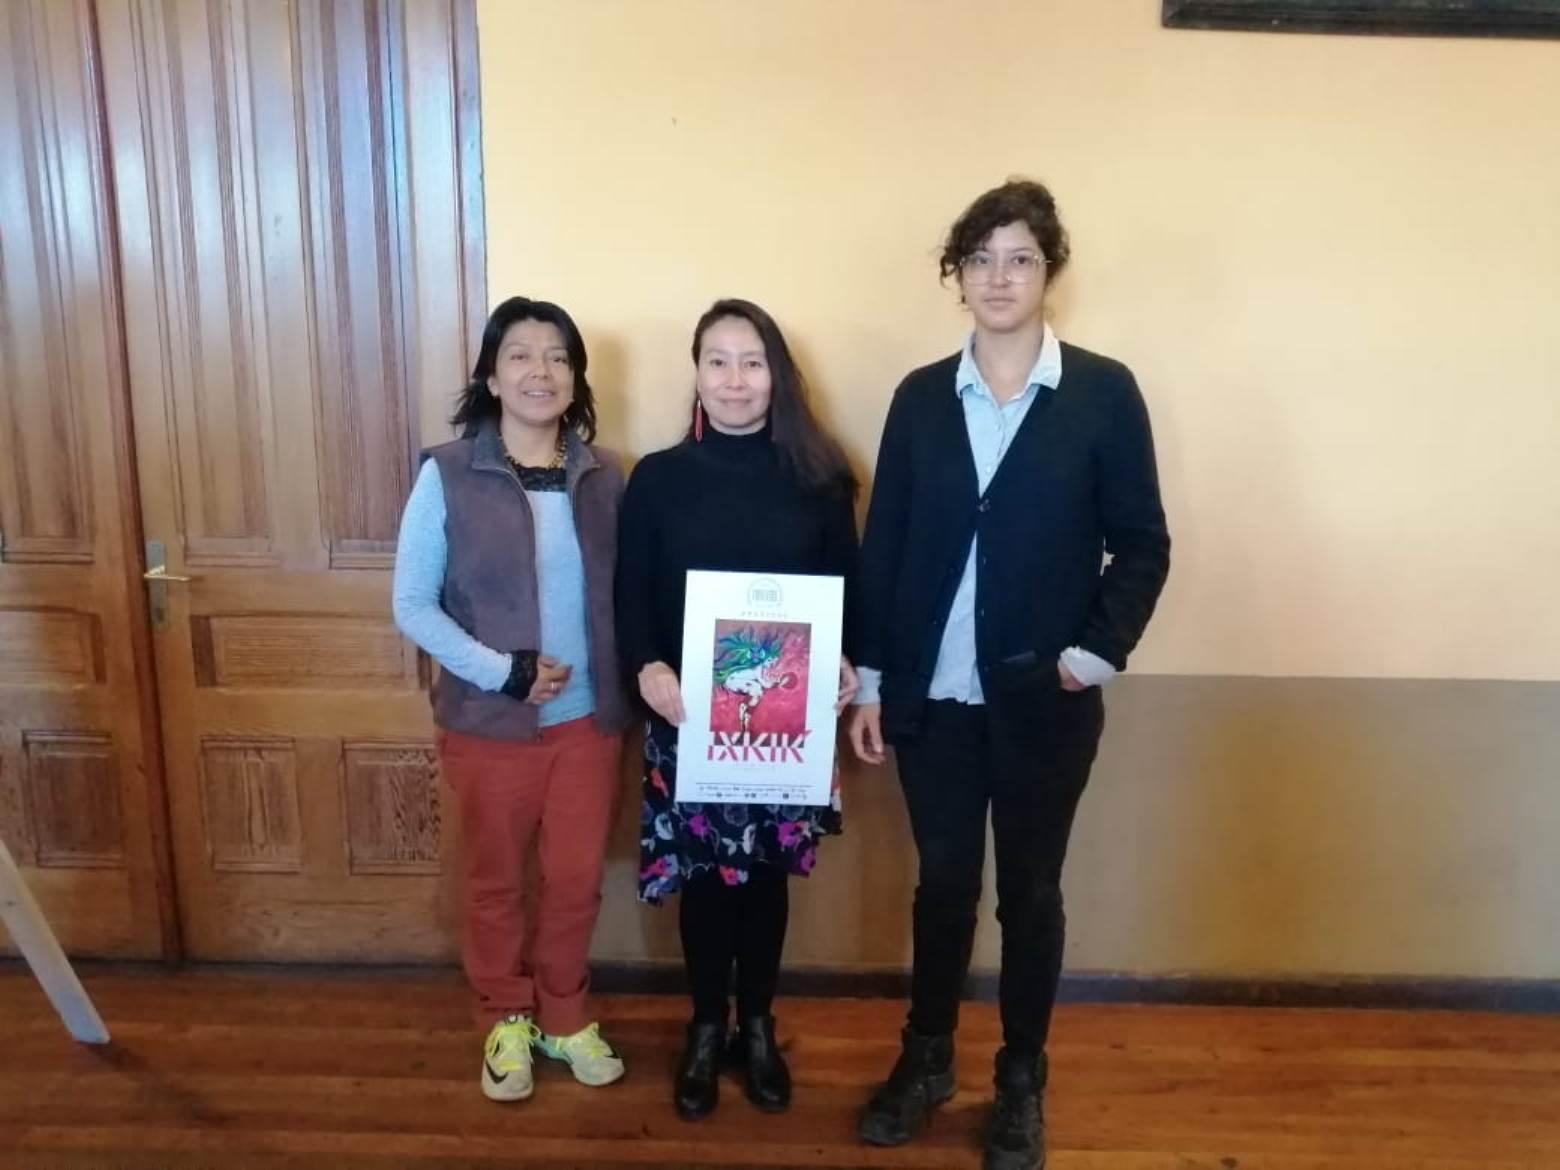 Organizadoras agradecieron a los patrocinadores el apoyo para lograr el festival. (Foto Prensa Libre: María Longo)